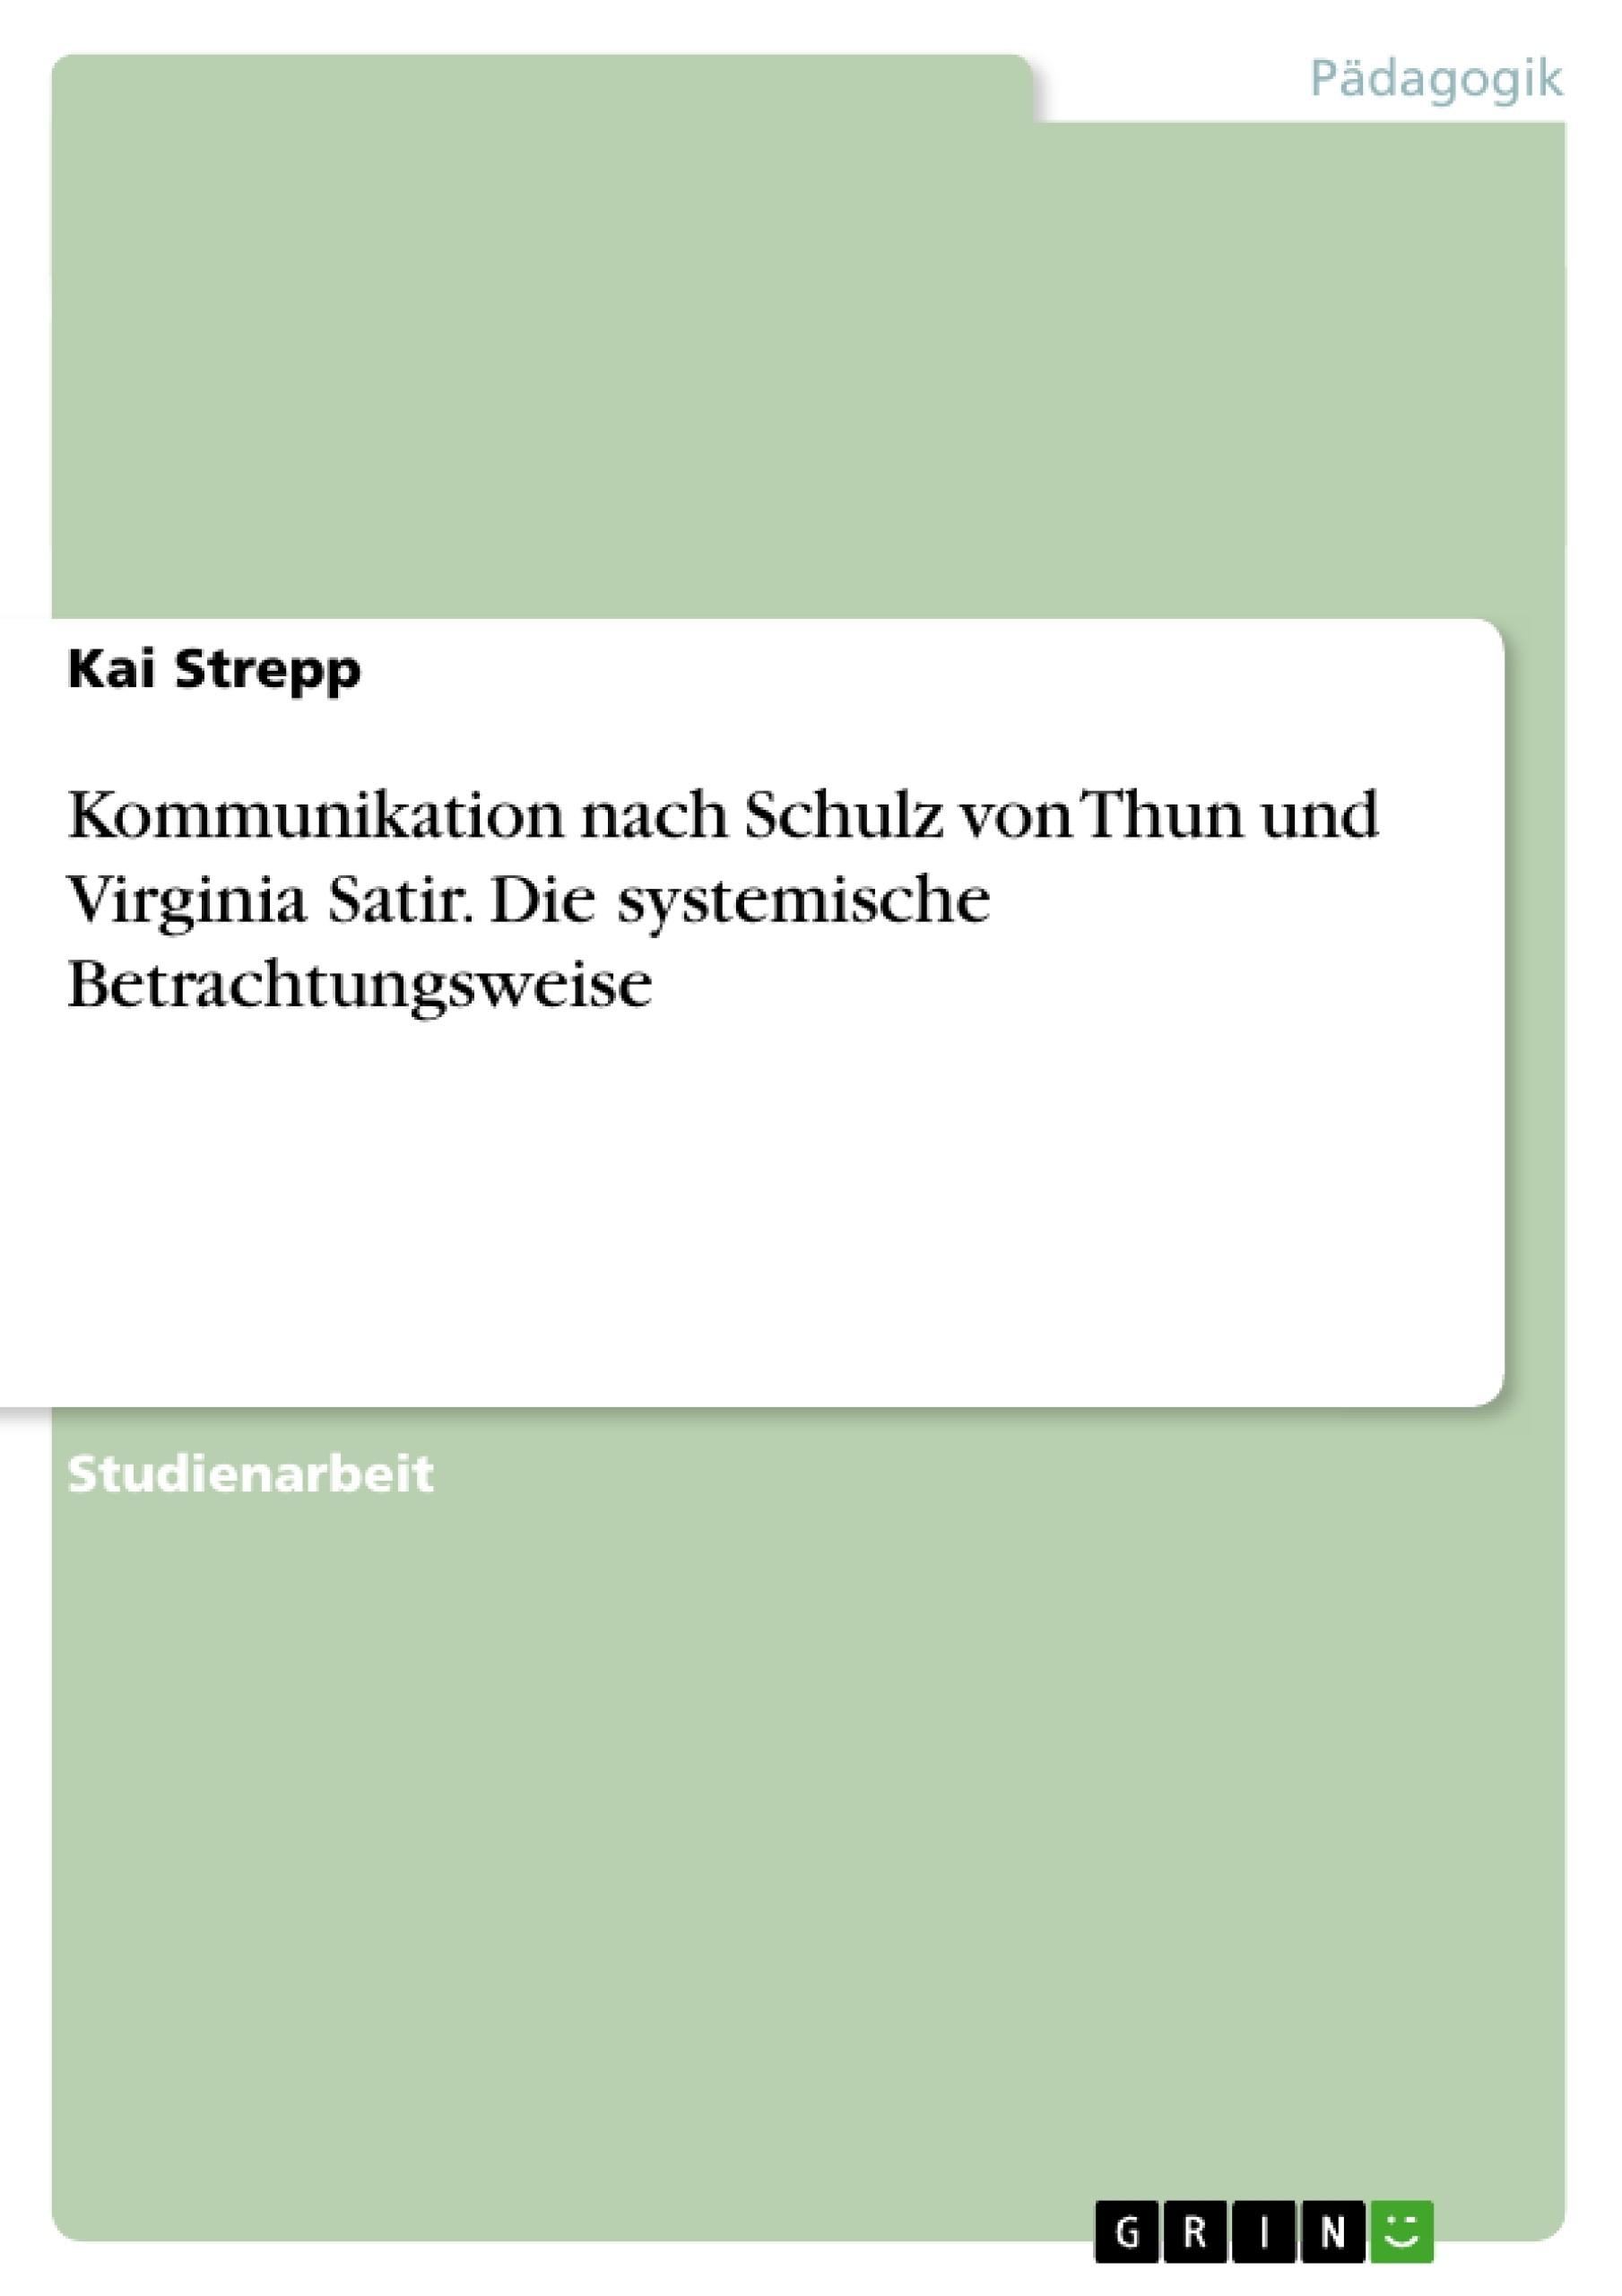 Titel: Kommunikation nach Schulz von Thun und Virginia Satir. Die systemische Betrachtungsweise